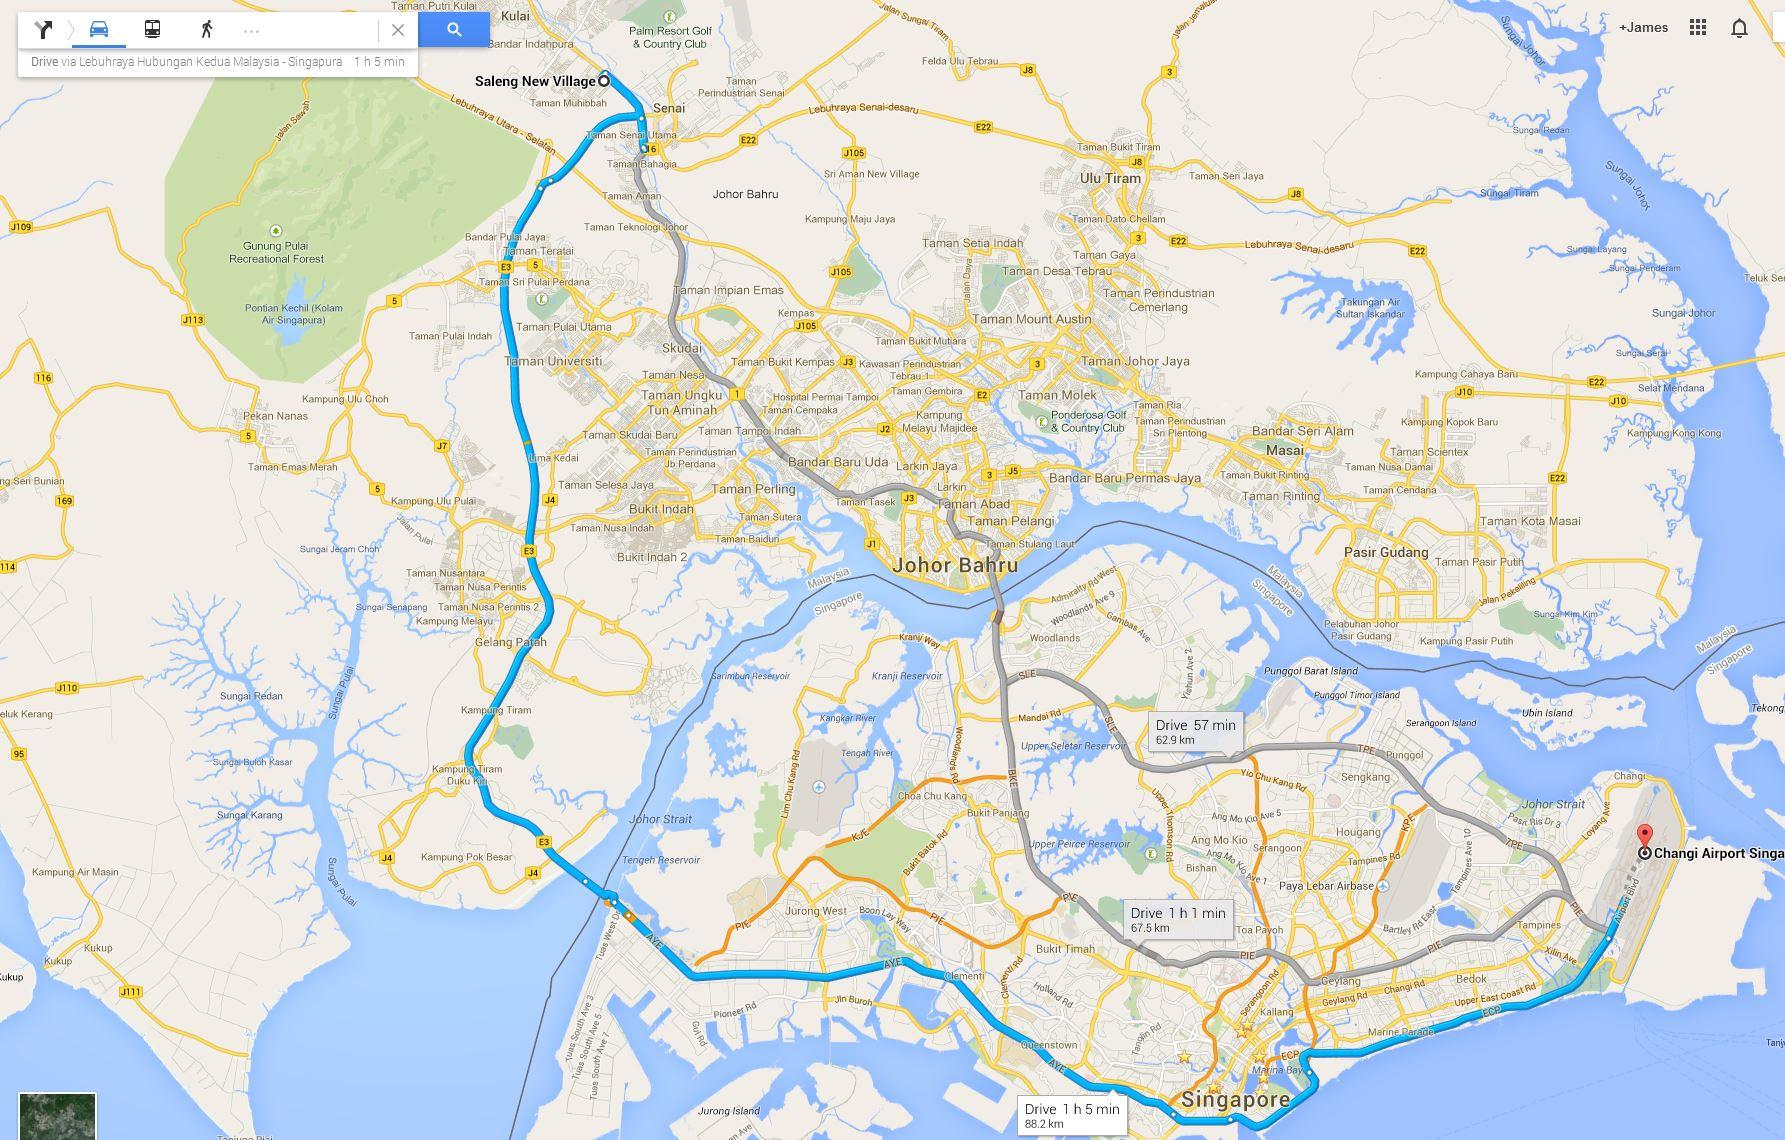 【环球体验】情意绵绵上山下海之旅(马来西亚刁曼岛,马六甲,吉隆坡图片